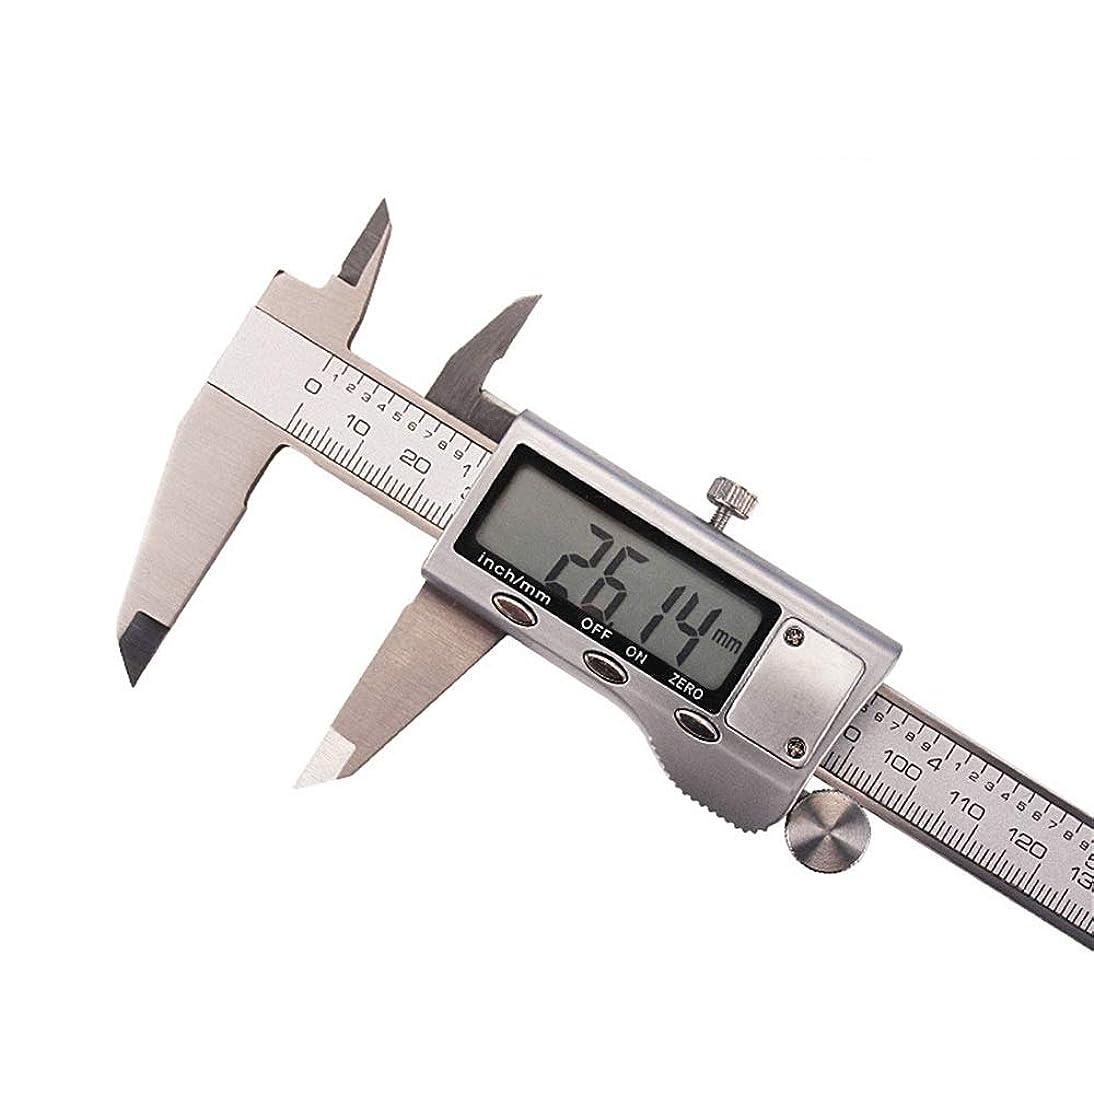 エゴイズムカロリー明るいデジタルノギス 4cr13ステンレススチールメタルヘッド電子ノギス150ミリメートル 測定工具 精密作業 ゼロリセット日曜大工DIY (色 : Silver, Size : 0-150MM)